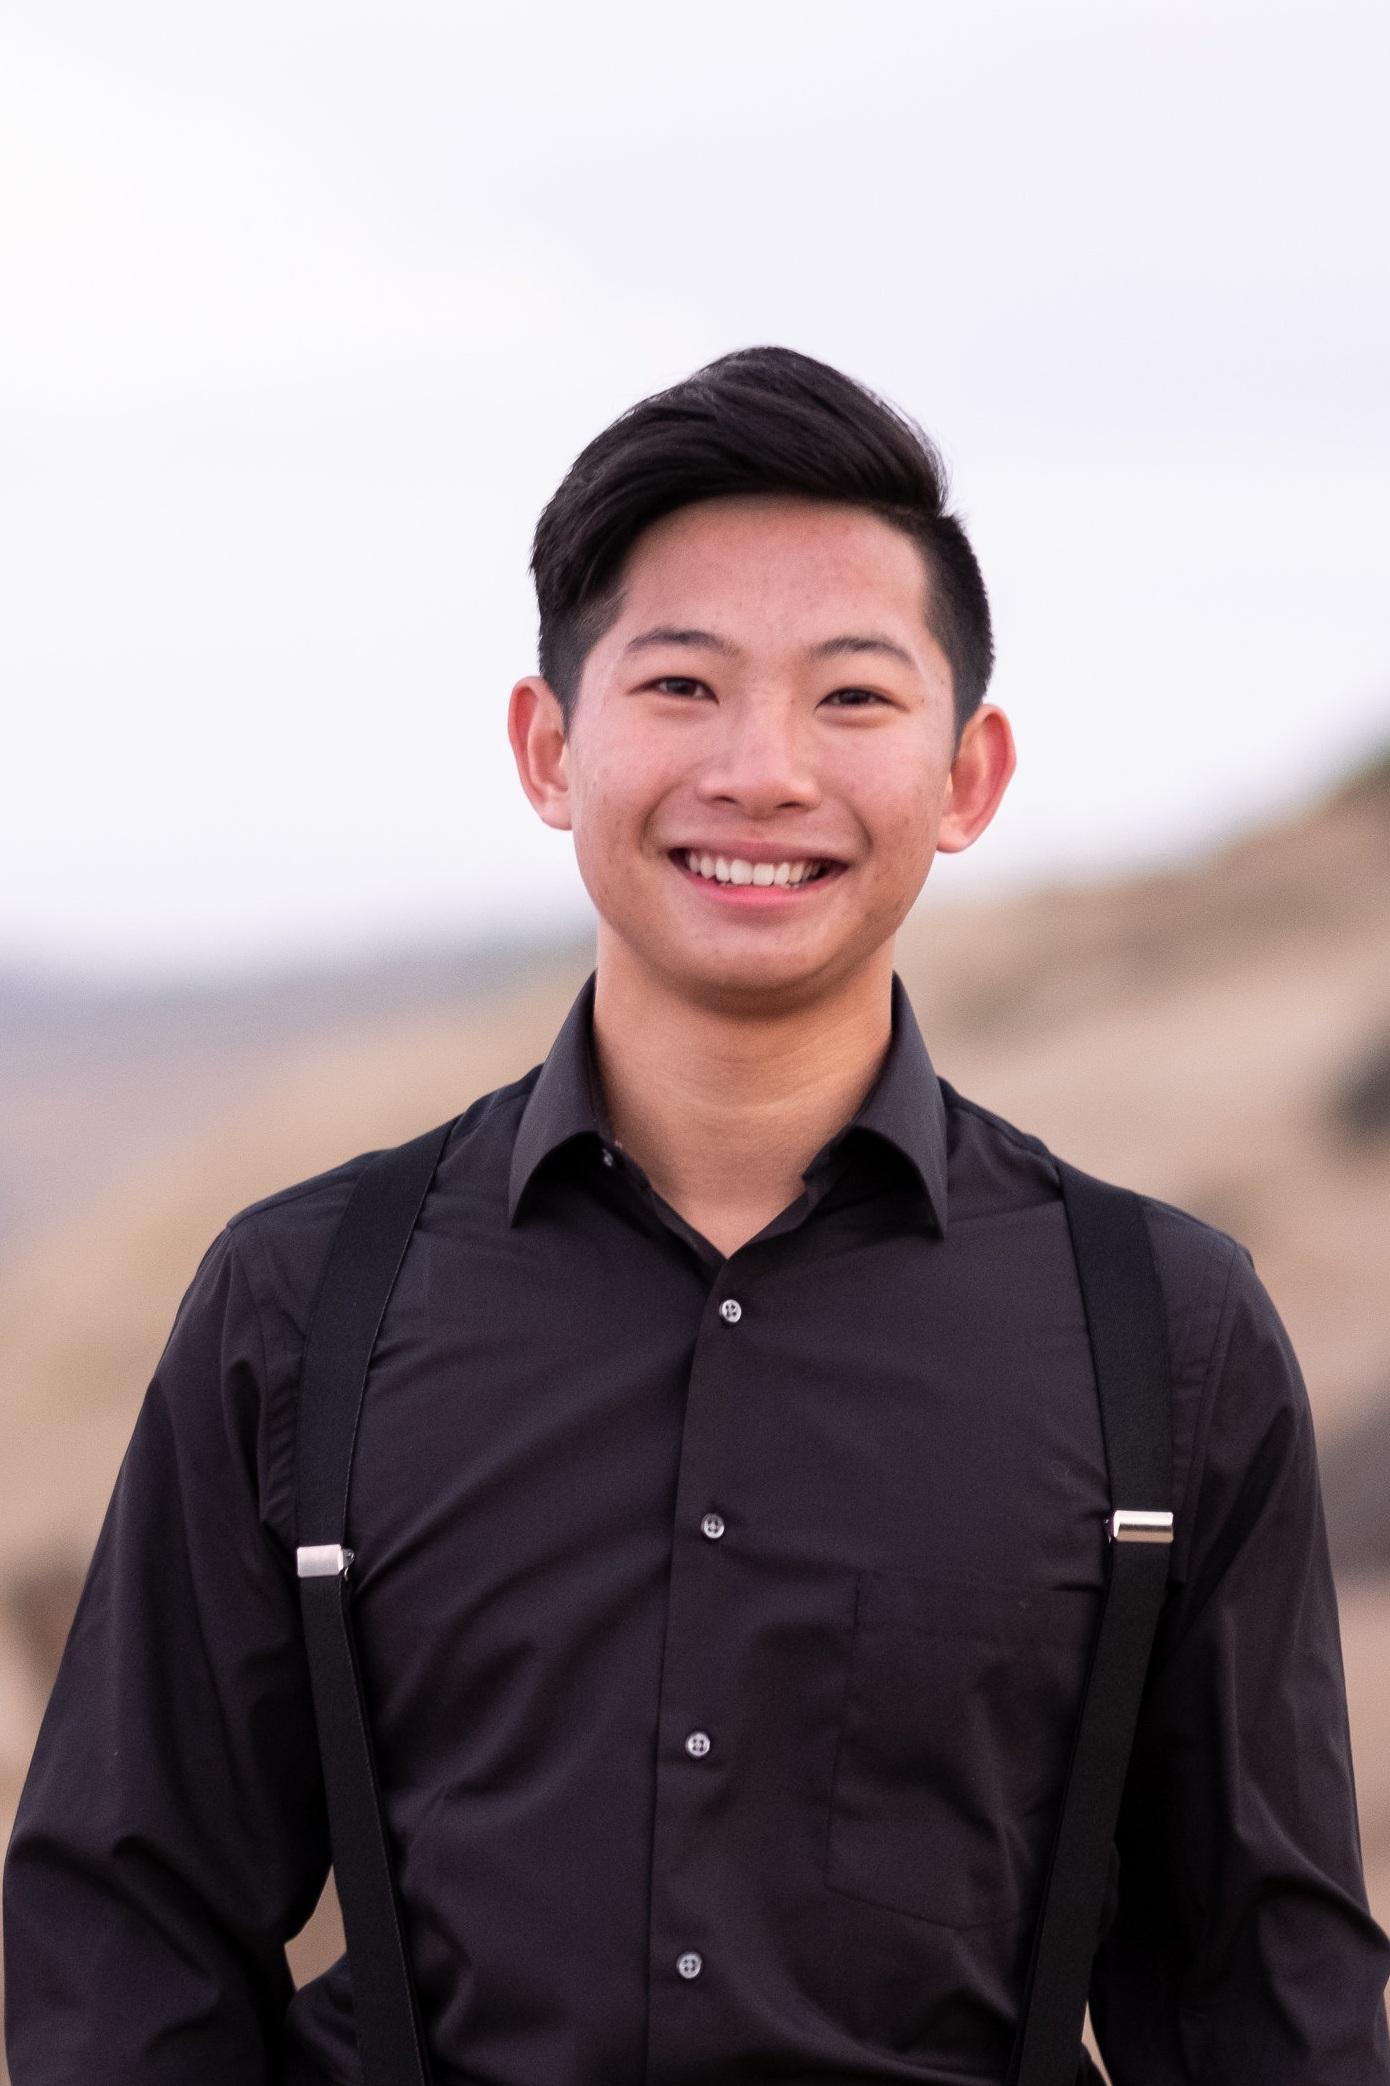 Isaac Chang (Baritone)